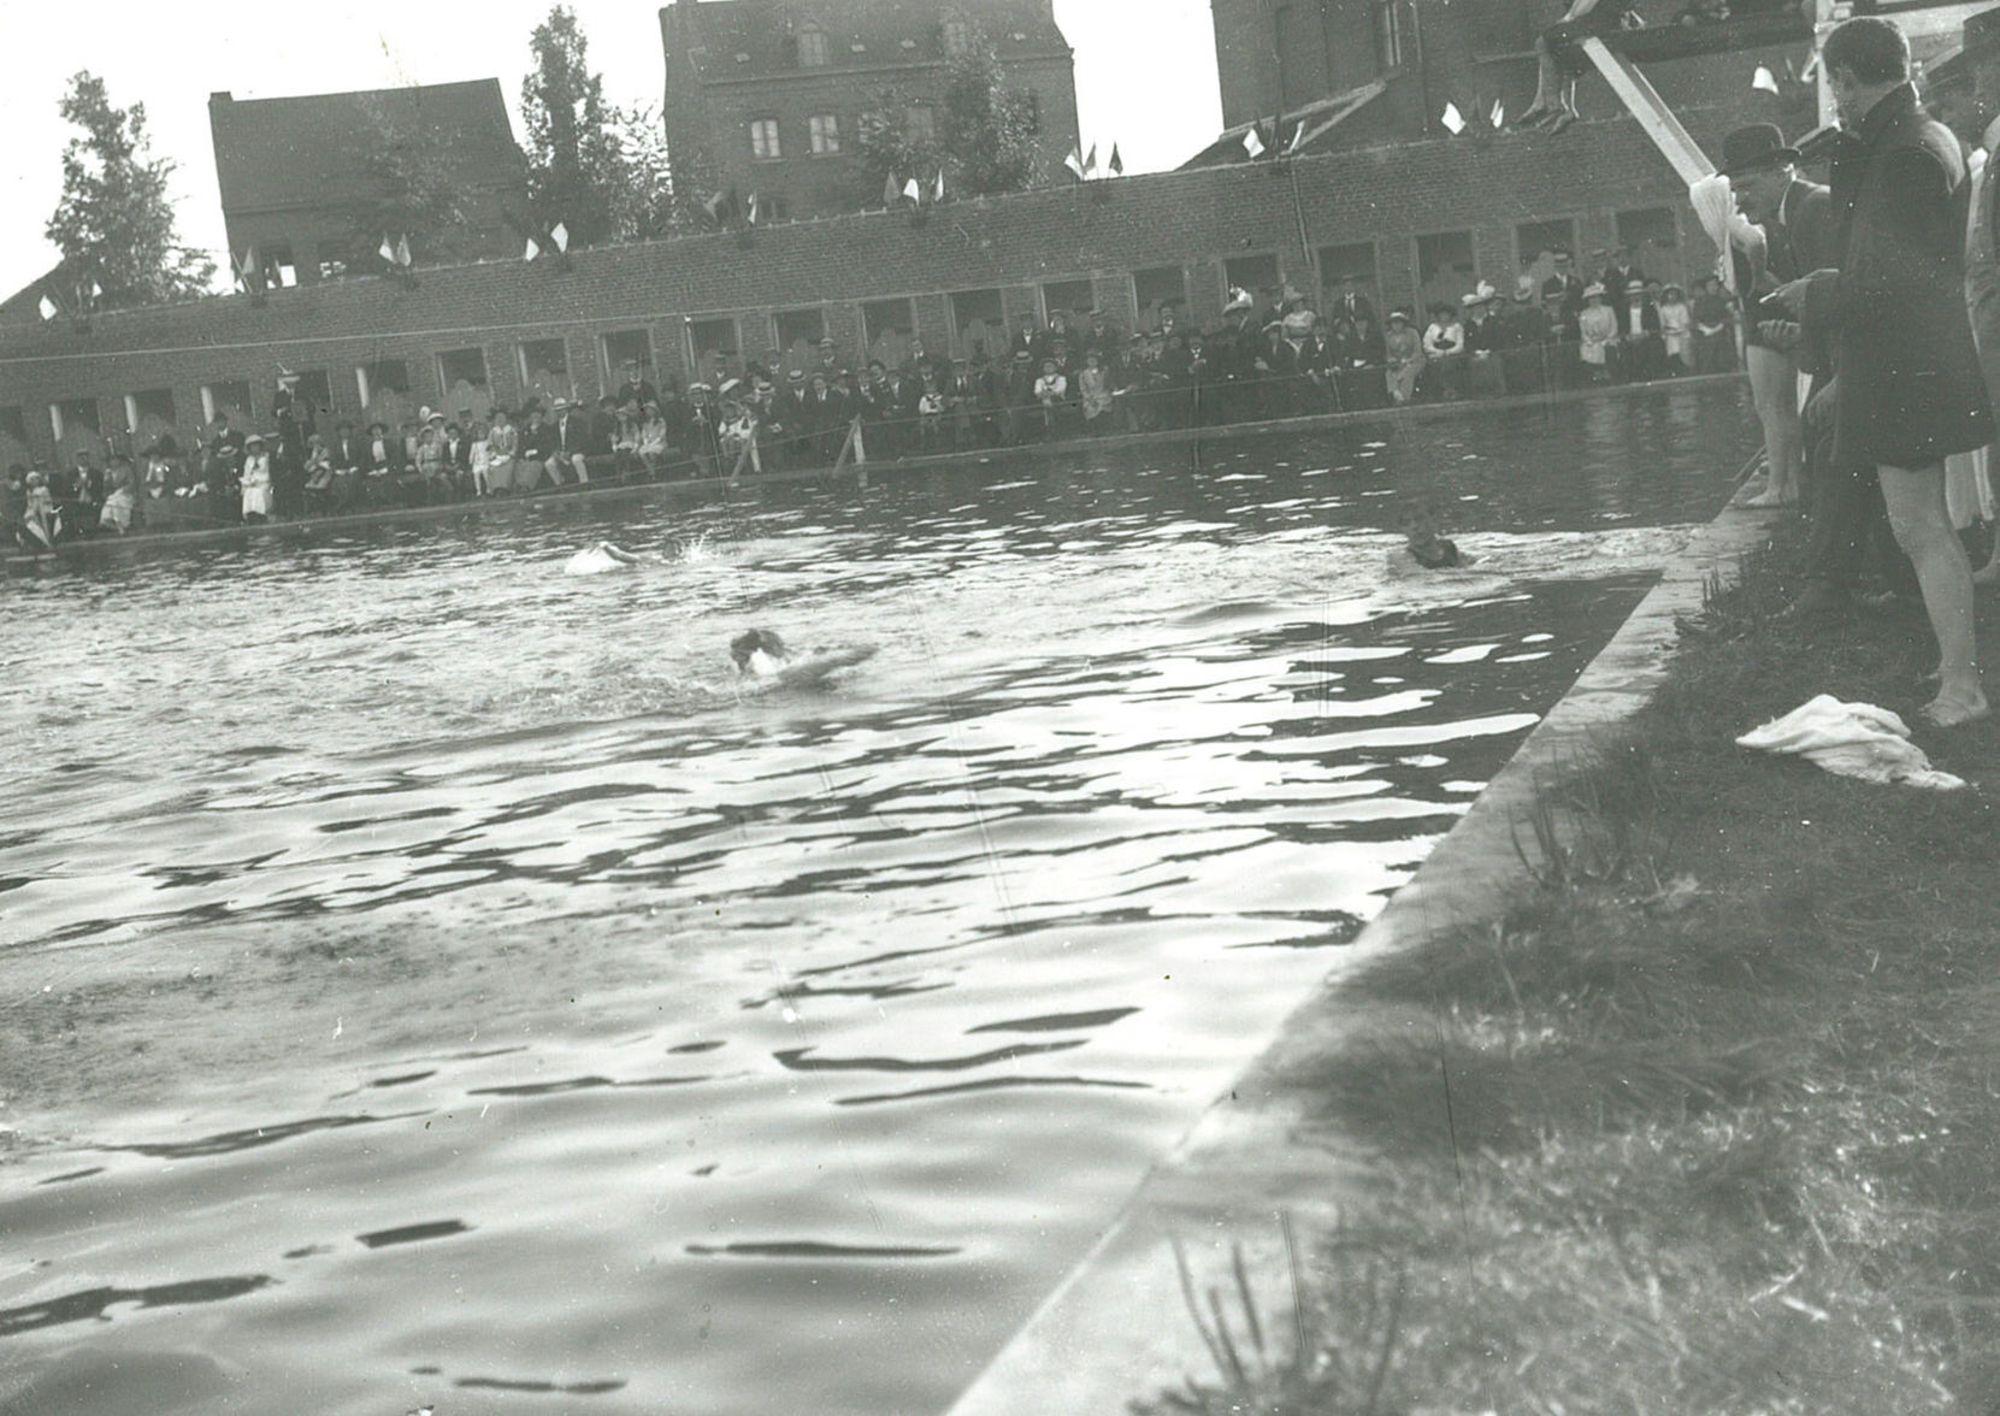 Zwemfeest Abdijkaai ca 1910